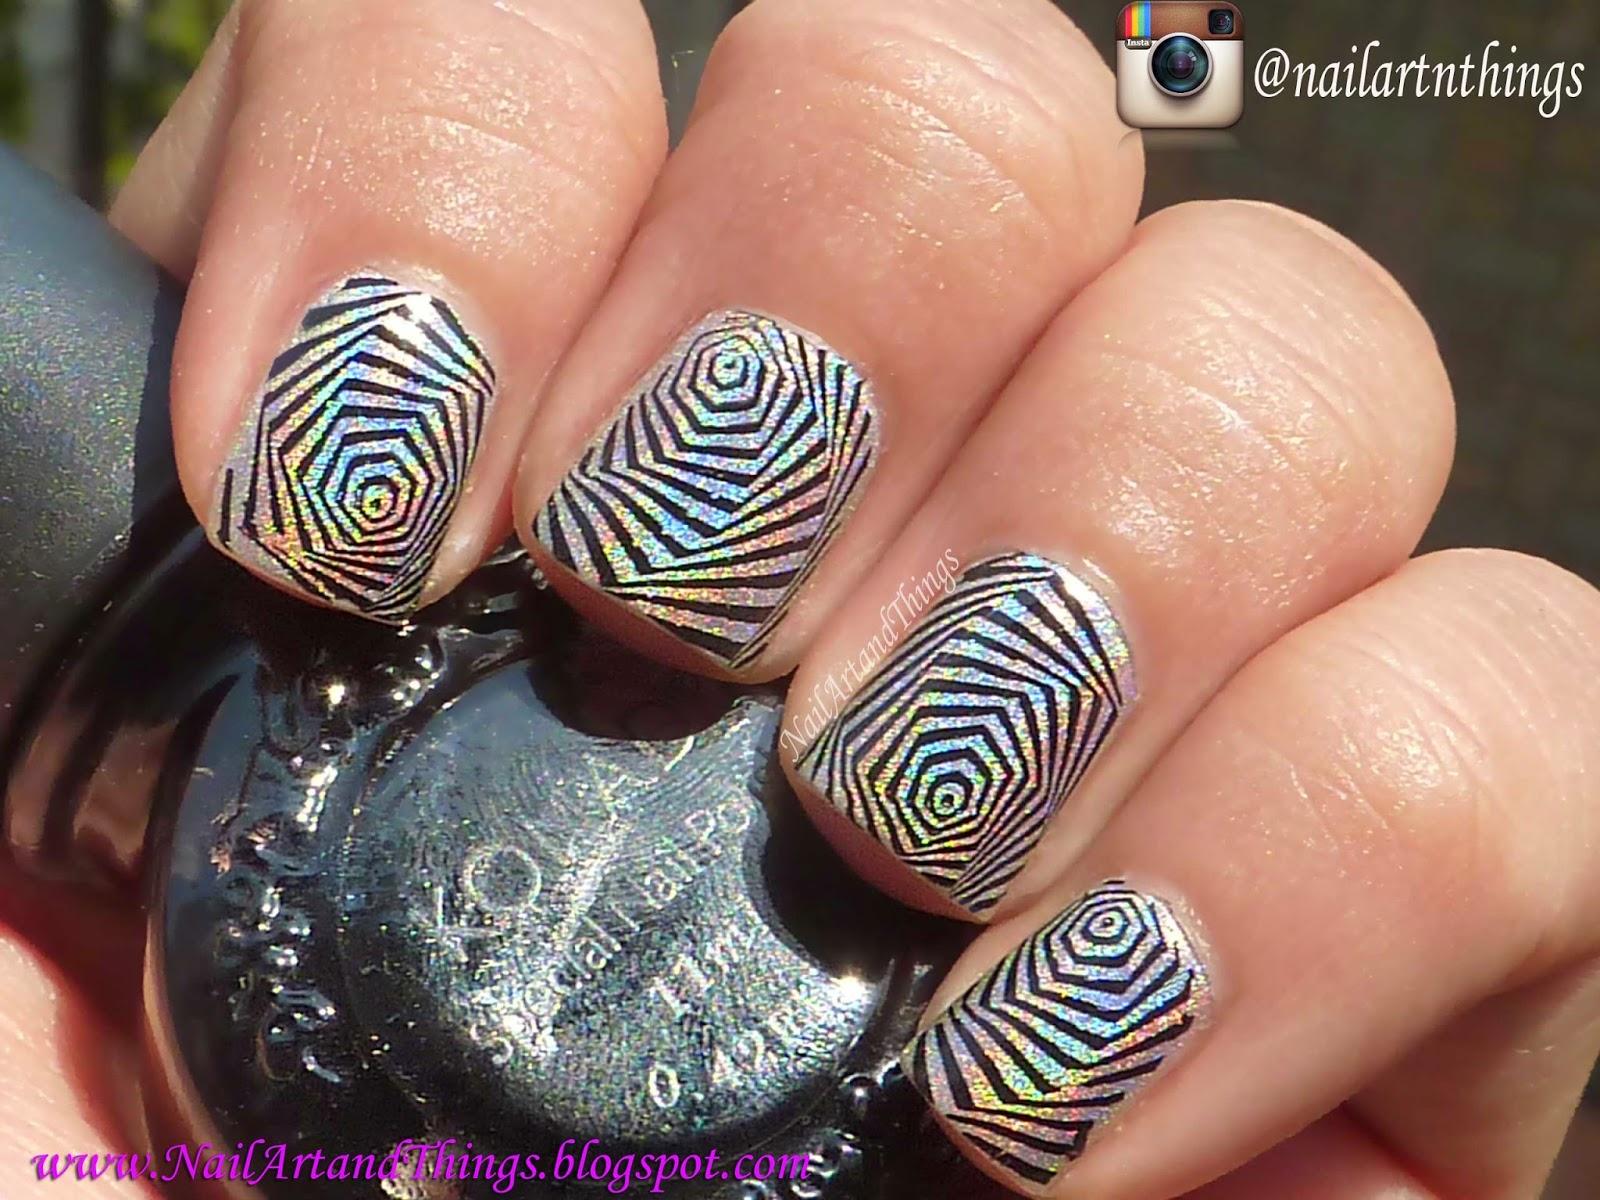 NailArt and Things: Dazzling Nail Art